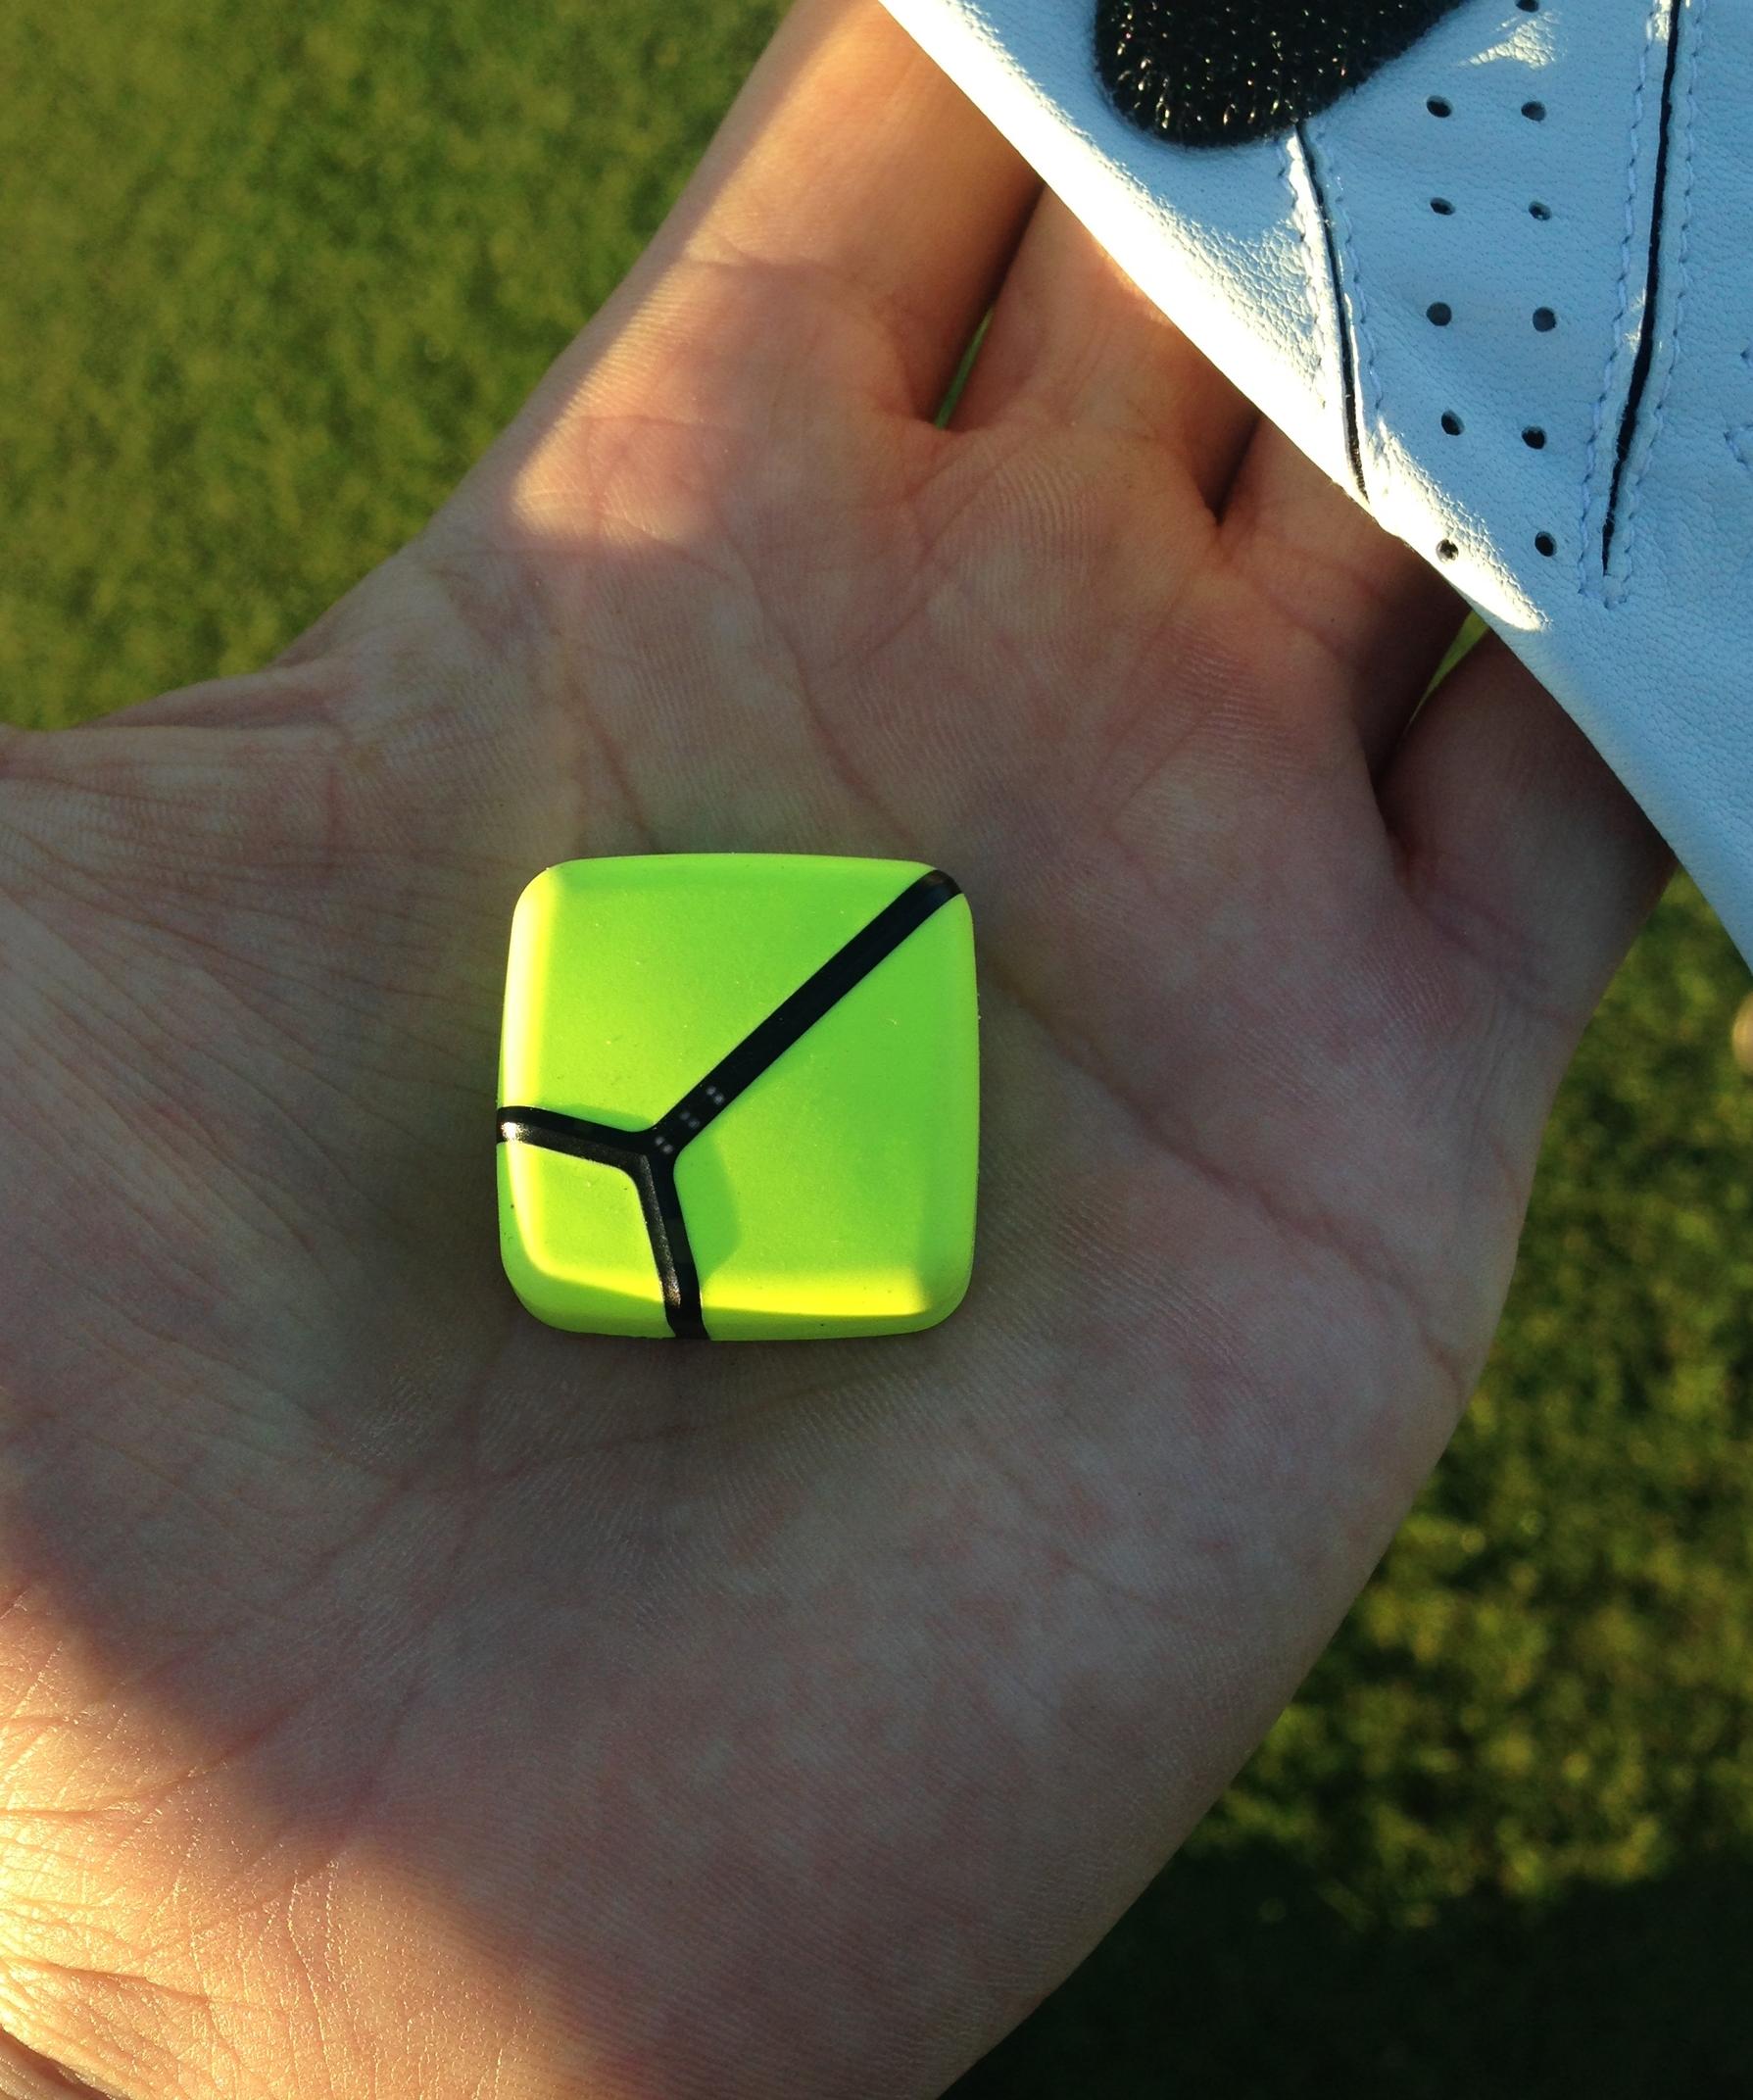 Zepp golf analyser golf by josh hirst